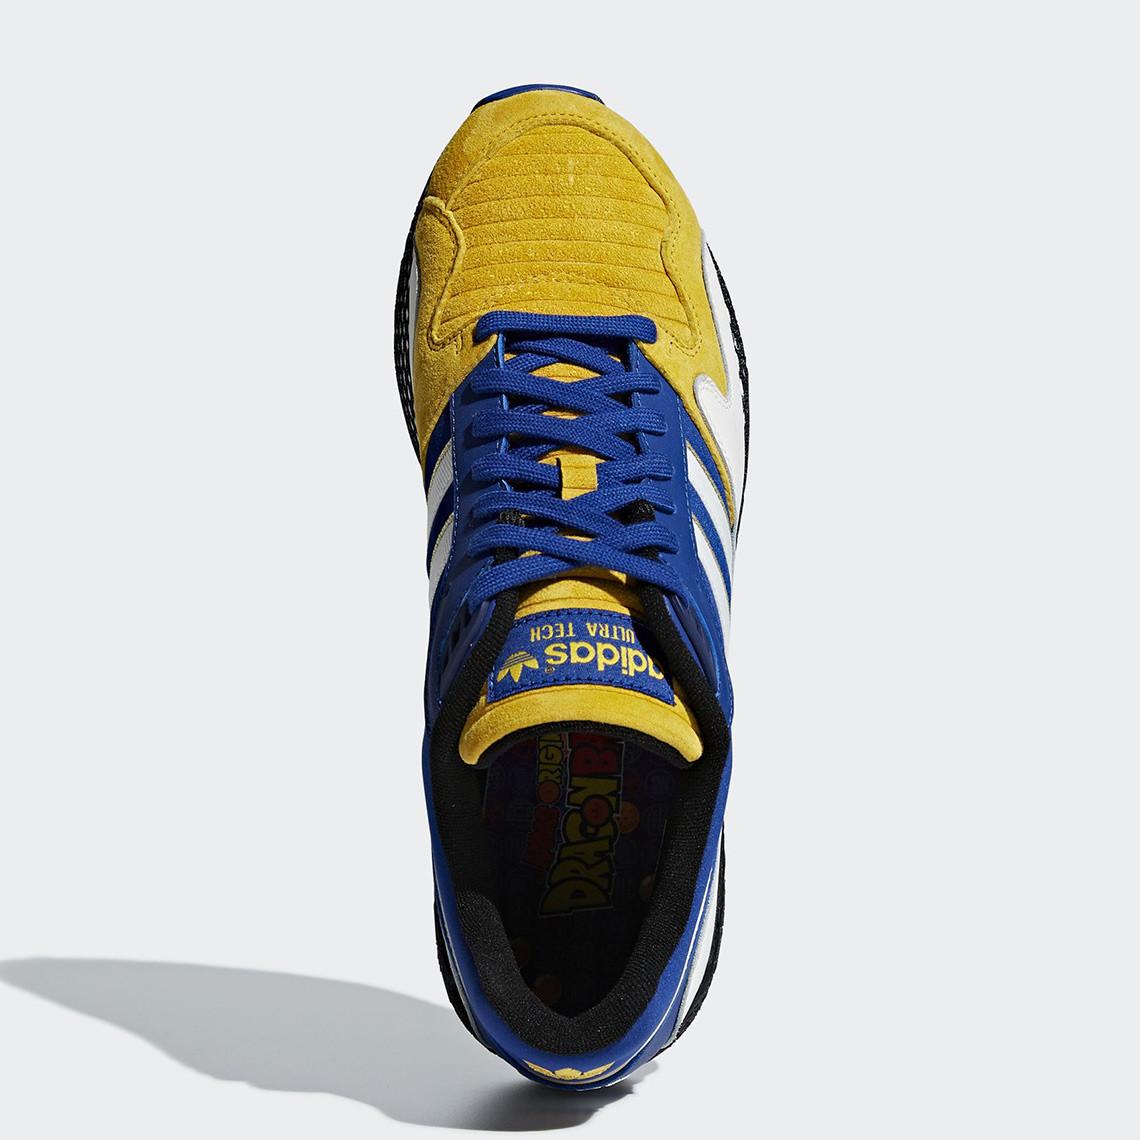 adidas-ultra-tech-vegeta-d97054-2